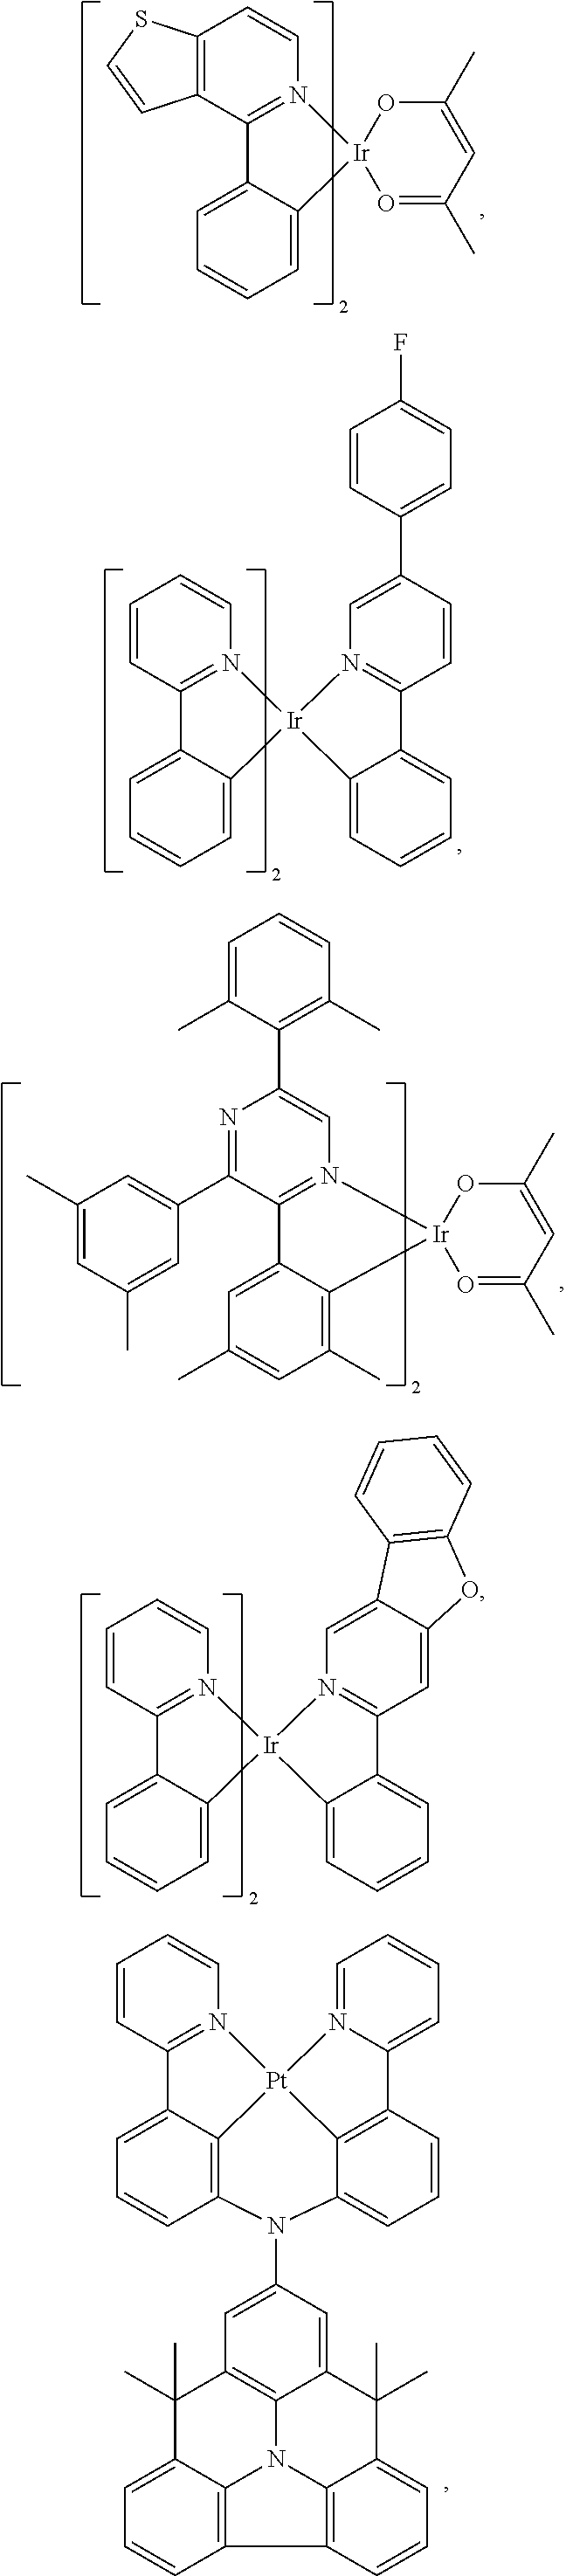 Figure US20180130962A1-20180510-C00186